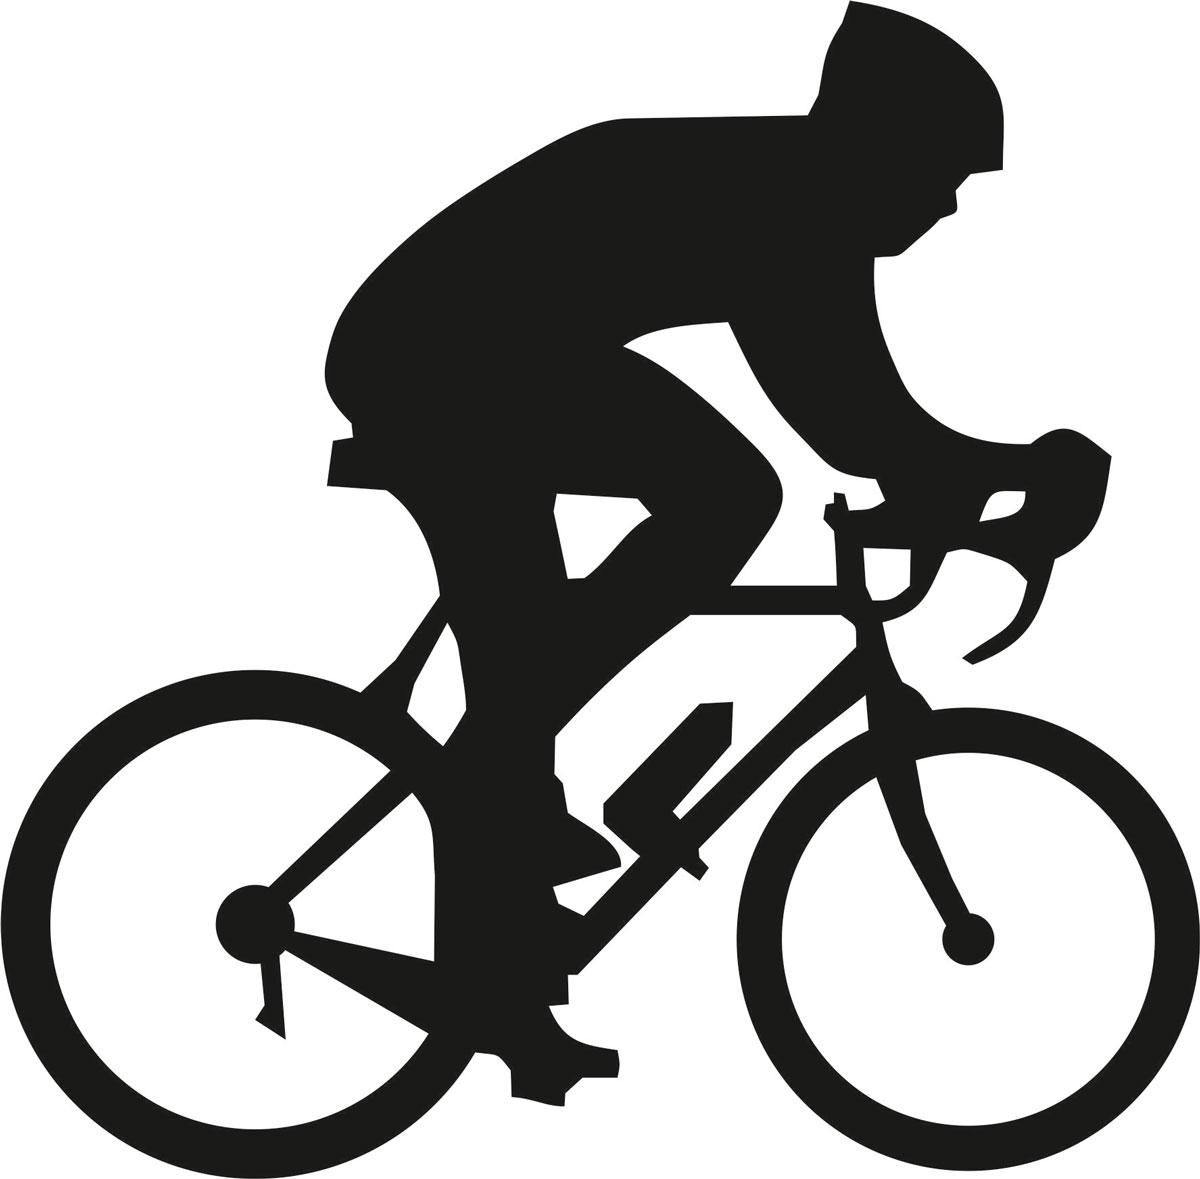 Наклейка автомобильная Оранжевый слоник Велосипедист 1, виниловая, цвет: черный150SP0003BОригинальная наклейка Оранжевый слоник Велосипедист 1 изготовлена из высококачественного винила, который выполняет не только декоративную функцию, но и защищает кузов от небольших механических повреждений, либо скрывает уже существующие. Виниловые наклейки на авто - это не только красиво, но еще и быстро! Всего за несколько минут вы можете полностью преобразить свой автомобиль, сделать его ярким, необычным, особенным и неповторимым!